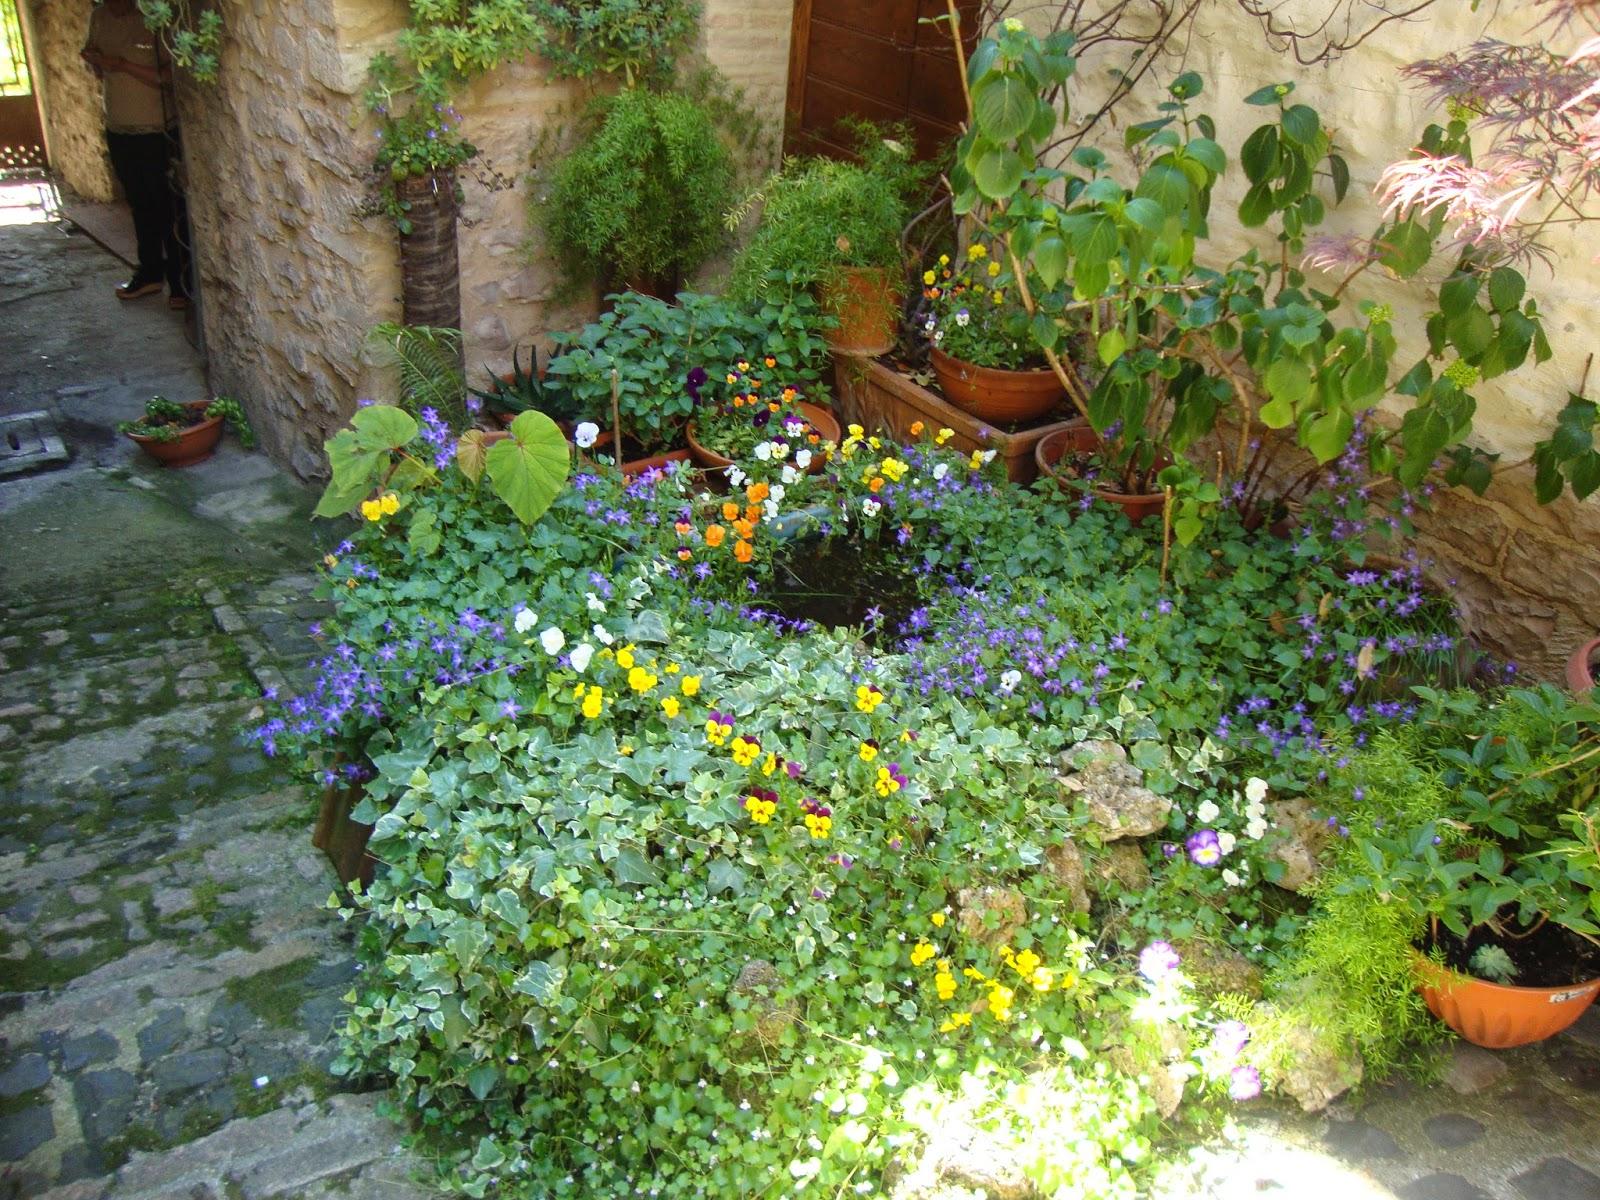 un piccolo giardino in città: il giardiniere umbro non si arrende mai - Piccolo Giardino In Casa